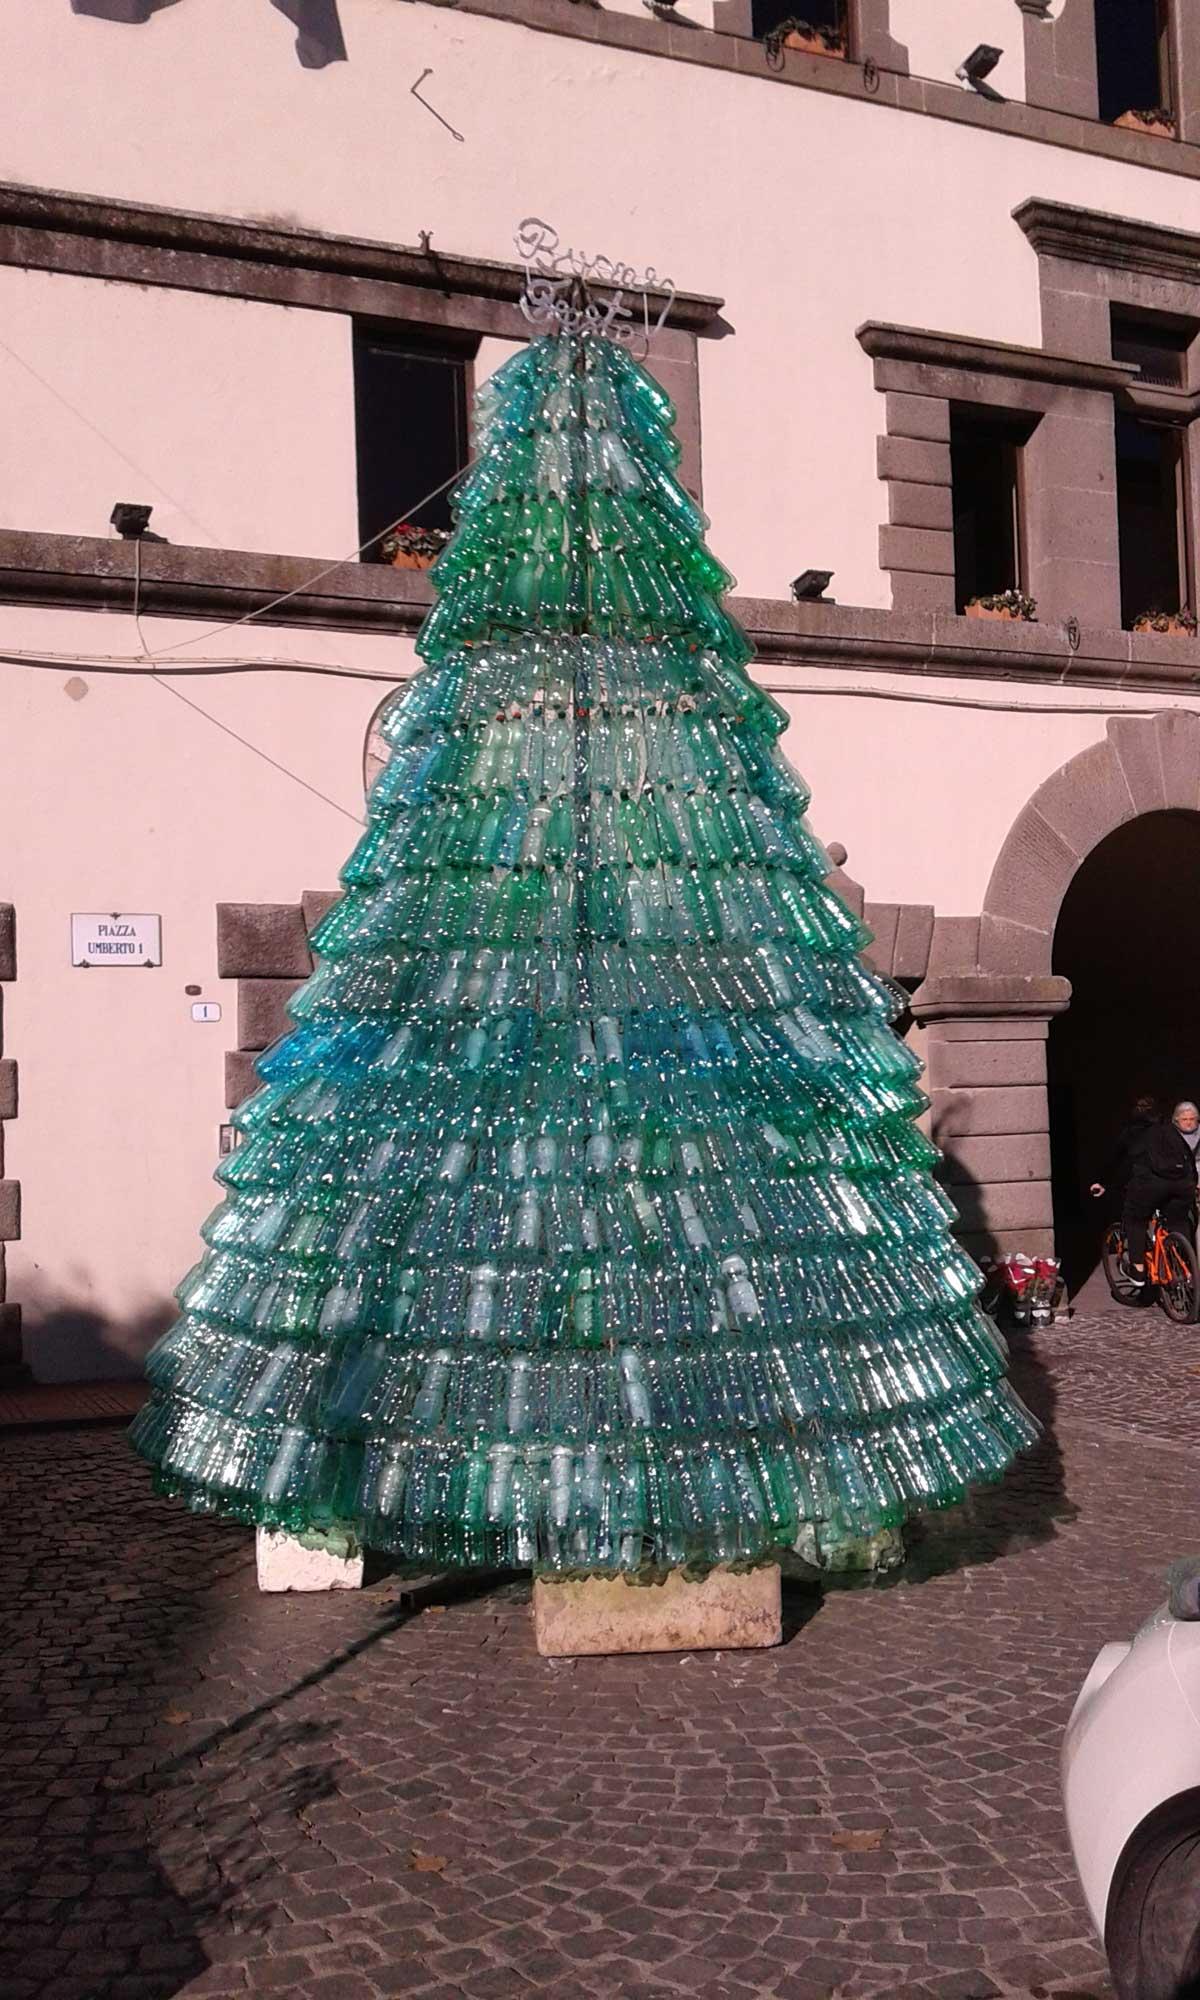 Albero Di Natale Ecologico.Un Albero Di Natale Ecologico Fatto Di Bottiglie Tusciaweb Eu